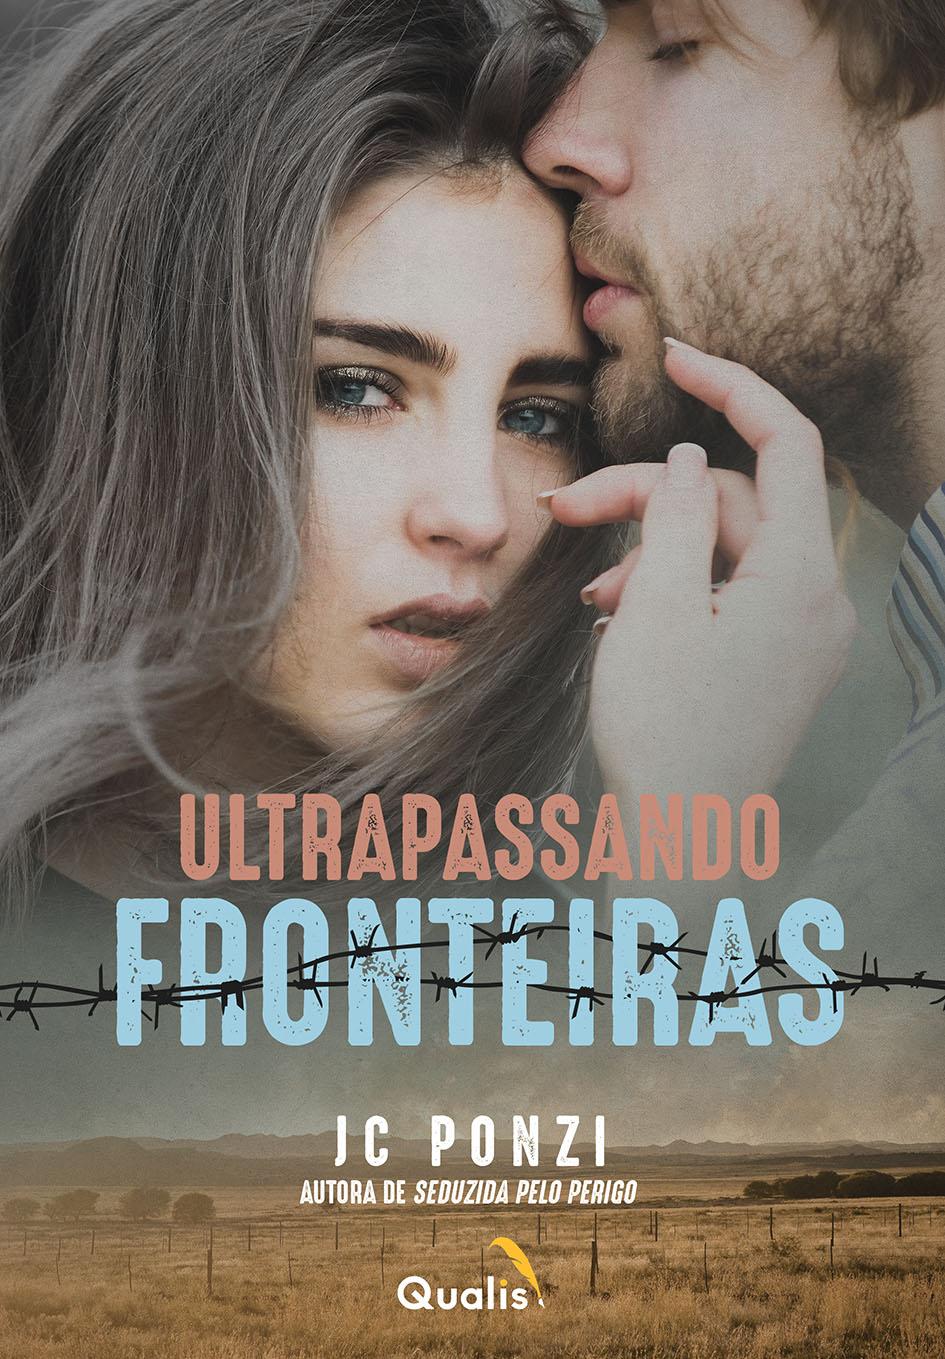 Ultrapassando fronteiras - JC Ponzi - diagramação de ebook - Editora Qualis